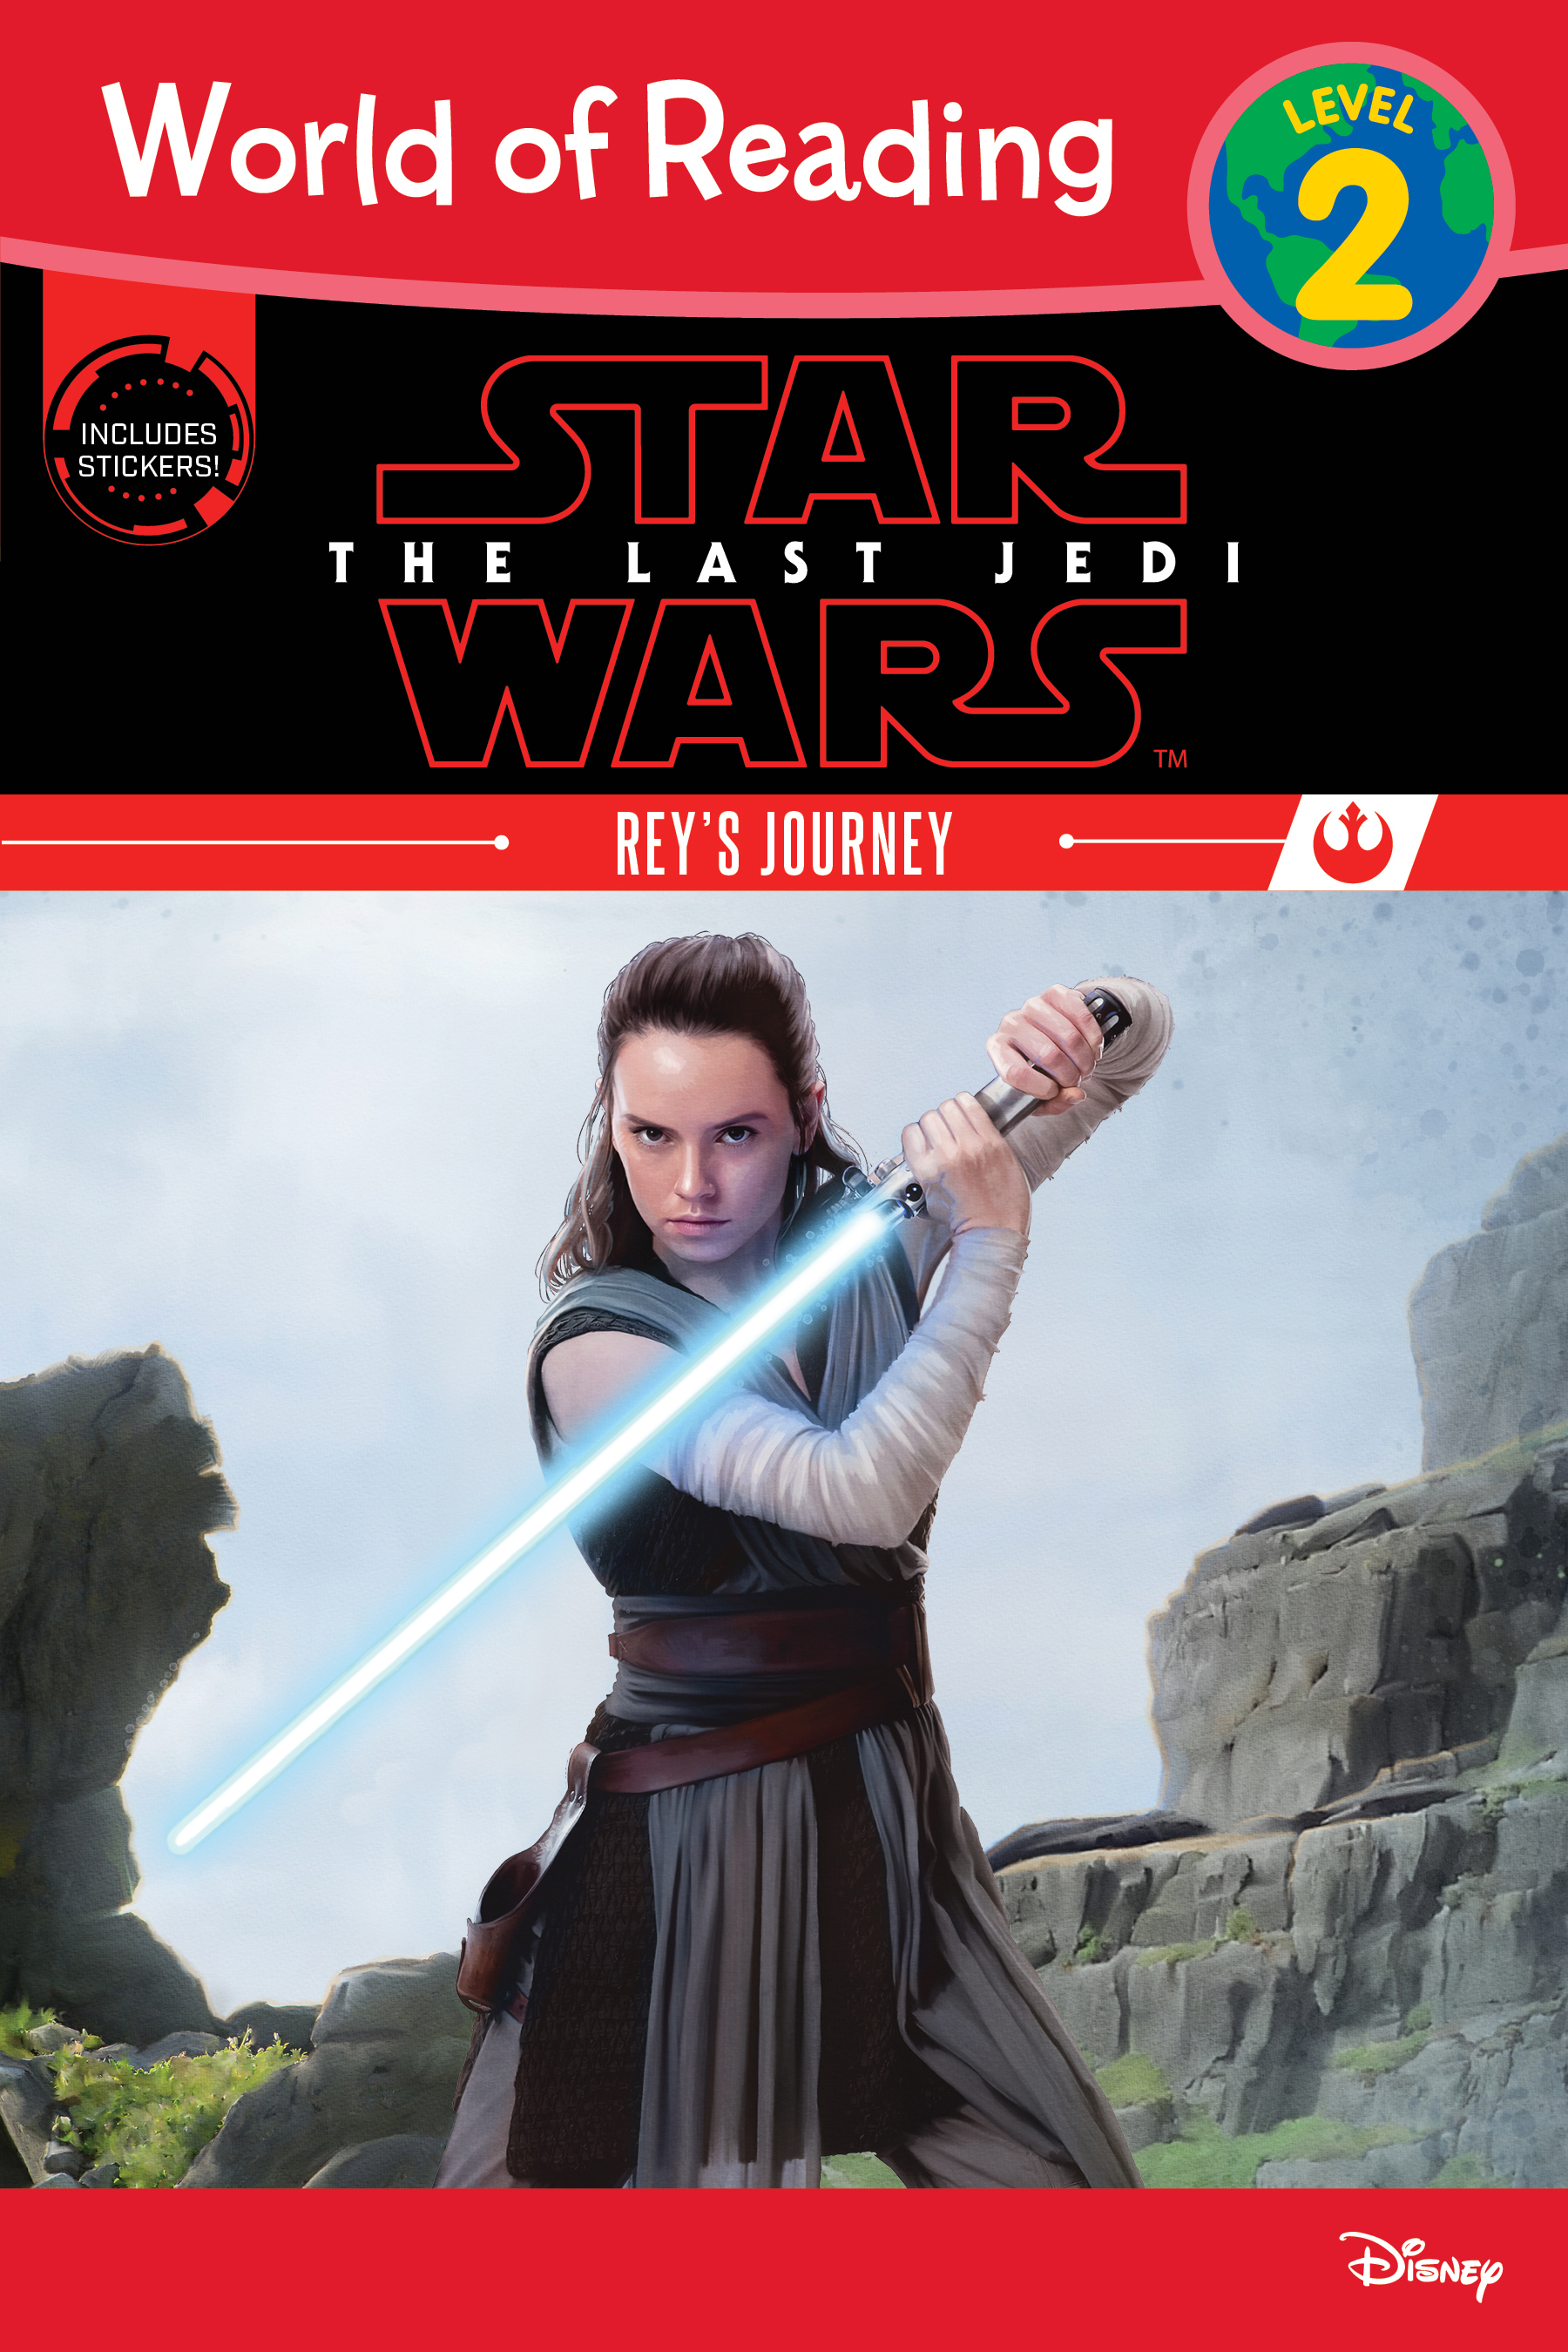 Star Wars The Last Jedi: Rey's Journey